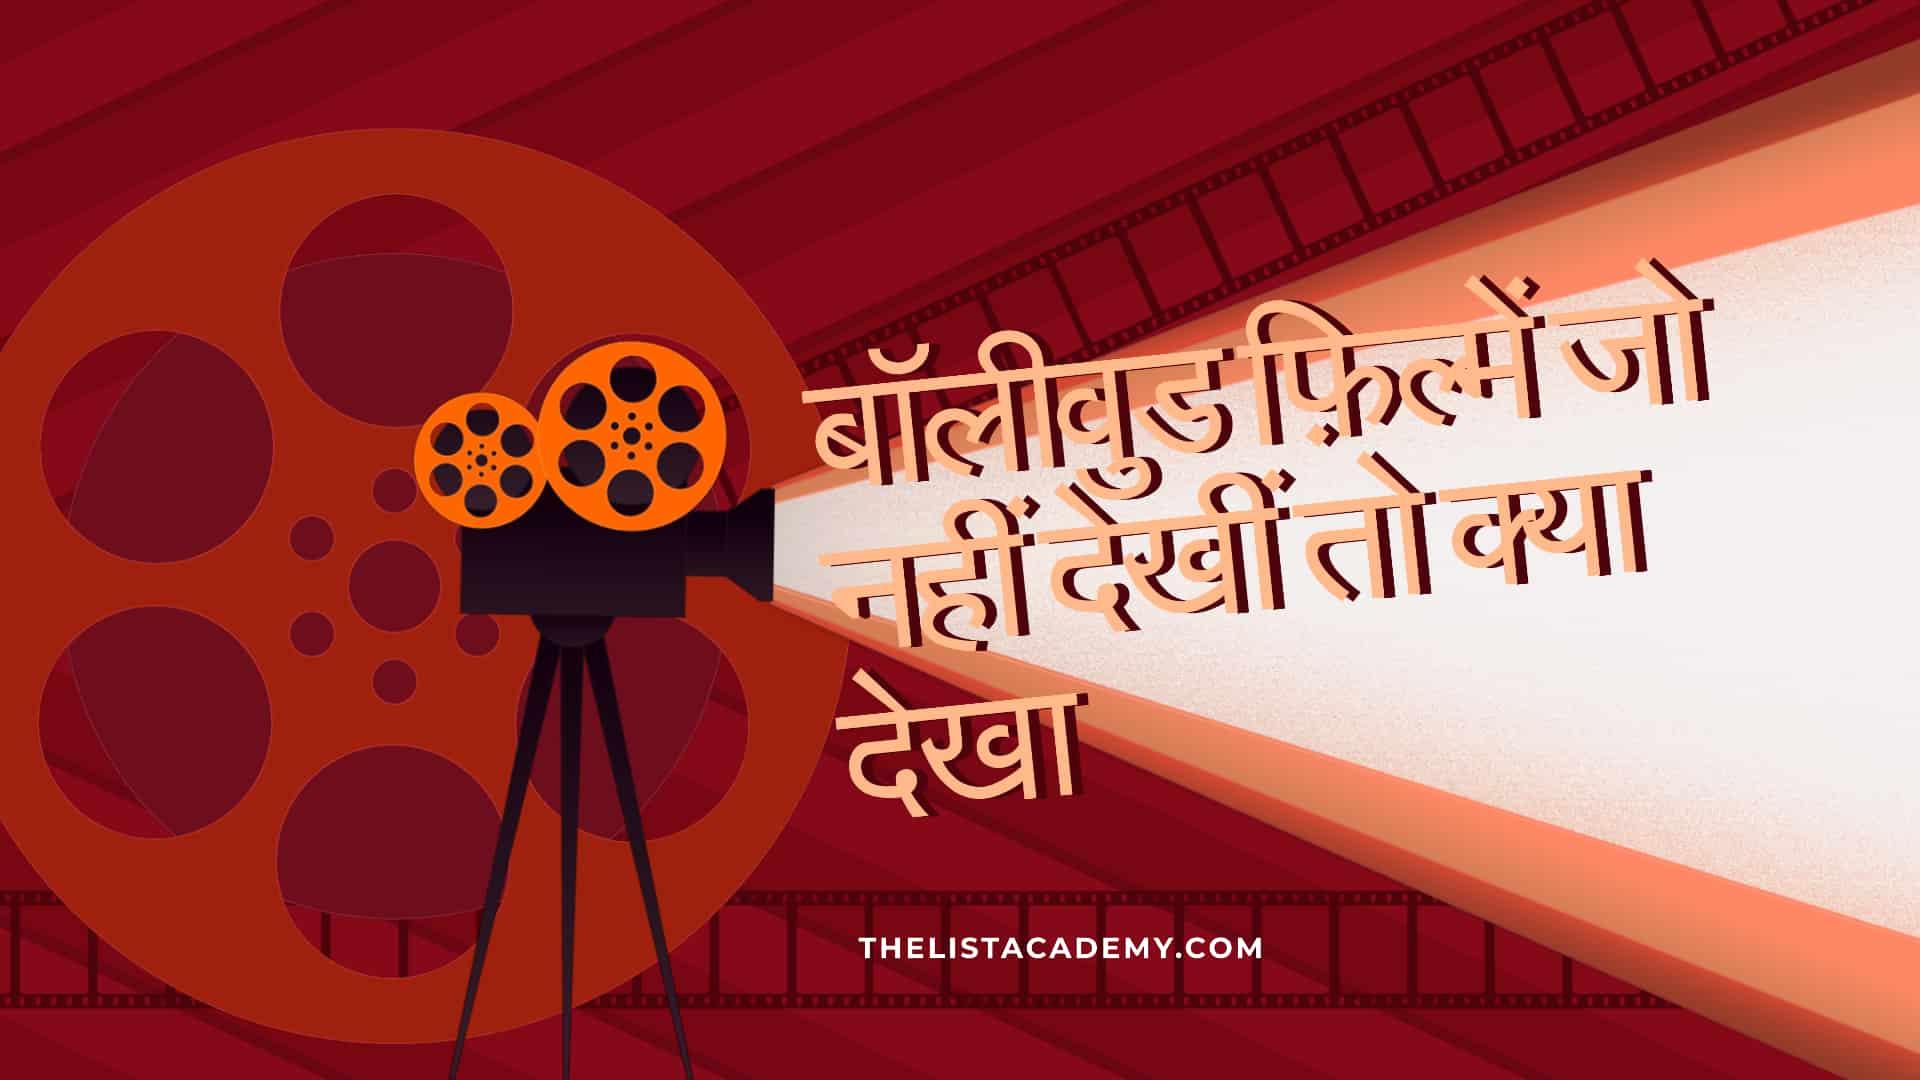 बॉलीवुड फ़िल्में जो नहीं देखीं तो क्या देखा Must Watch Underrated Bollywood Movies